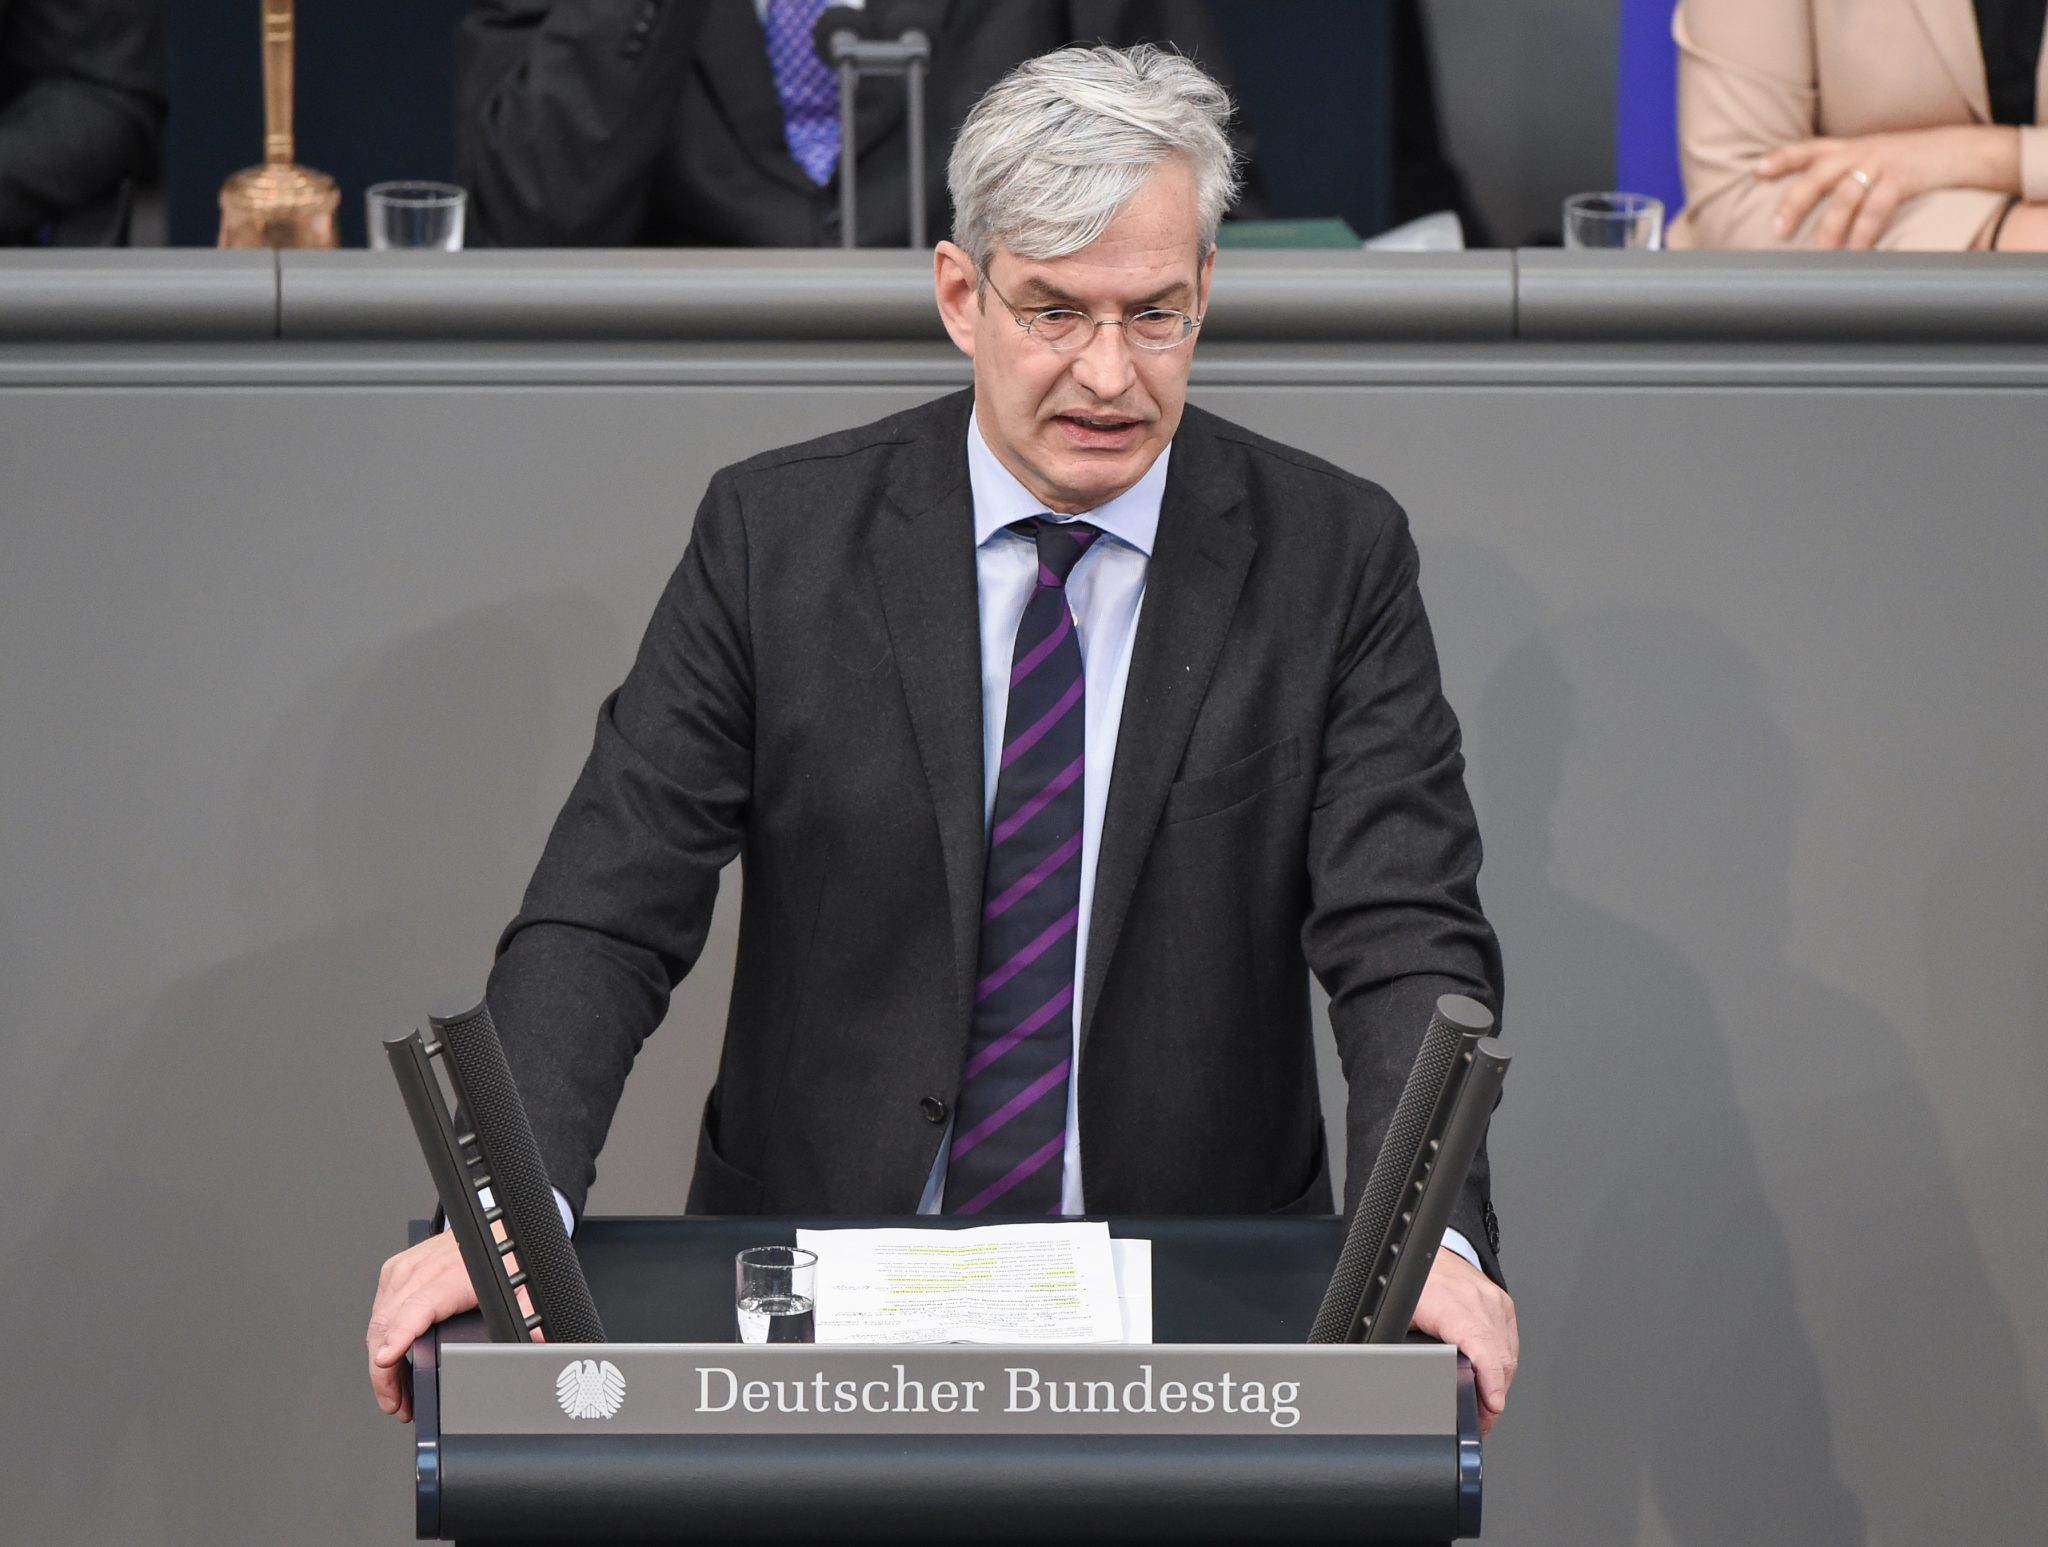 Der innenpolitische Sprecher der Unionsfraktion im Bundestag, Mathias Middelberg (CDU), will eine Studie über Linksextremismus Foto: picture alliance / Christophe Gateau/dpa | Christophe Gateau